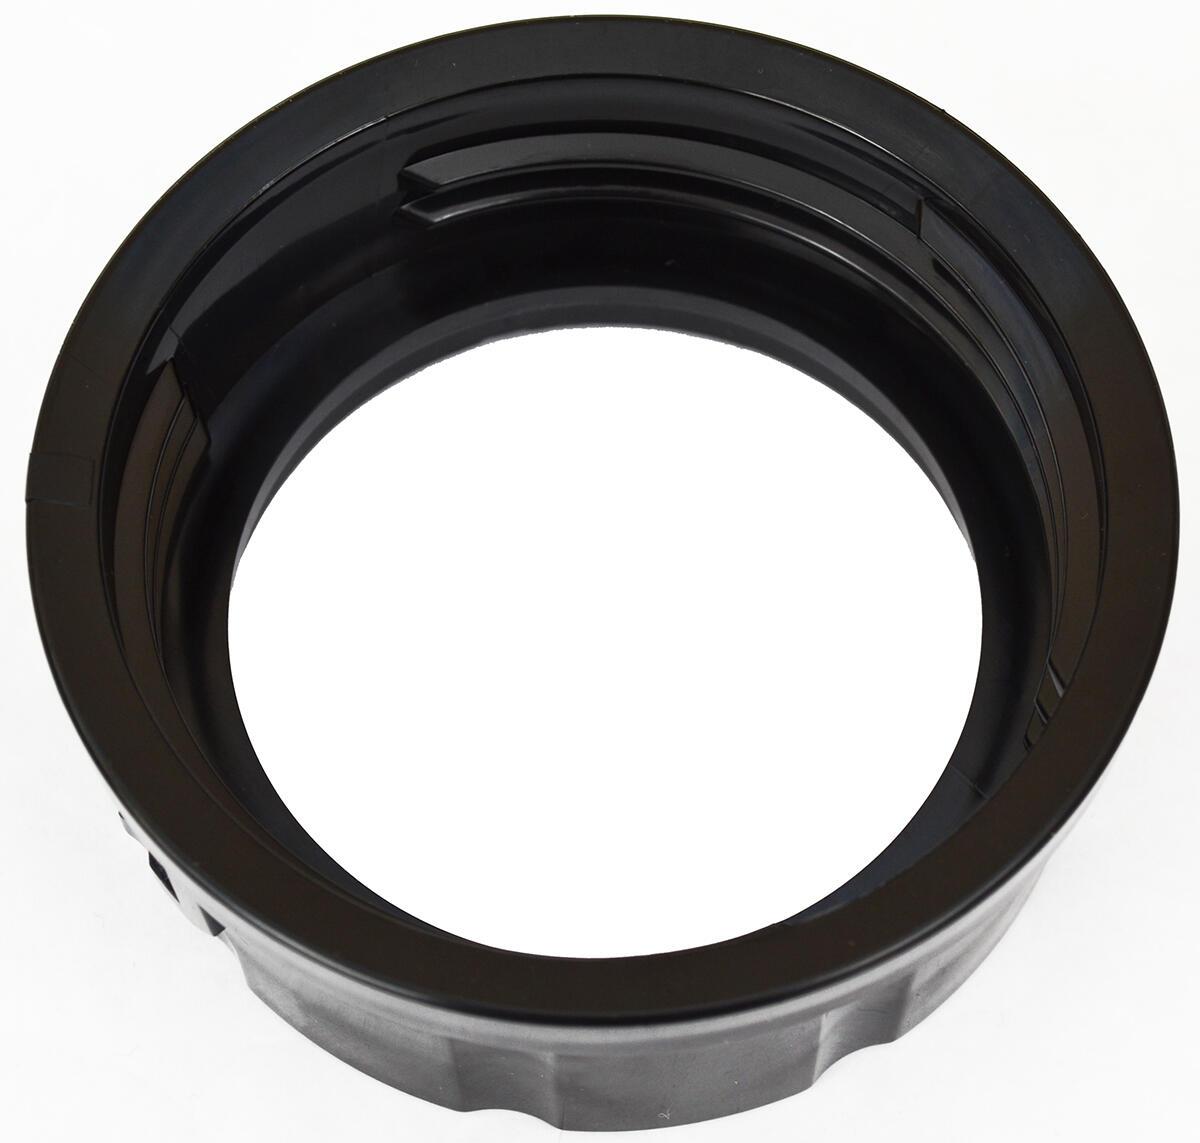 Bytovaya Tehnika - Obzor blendera Philips HR3655/0